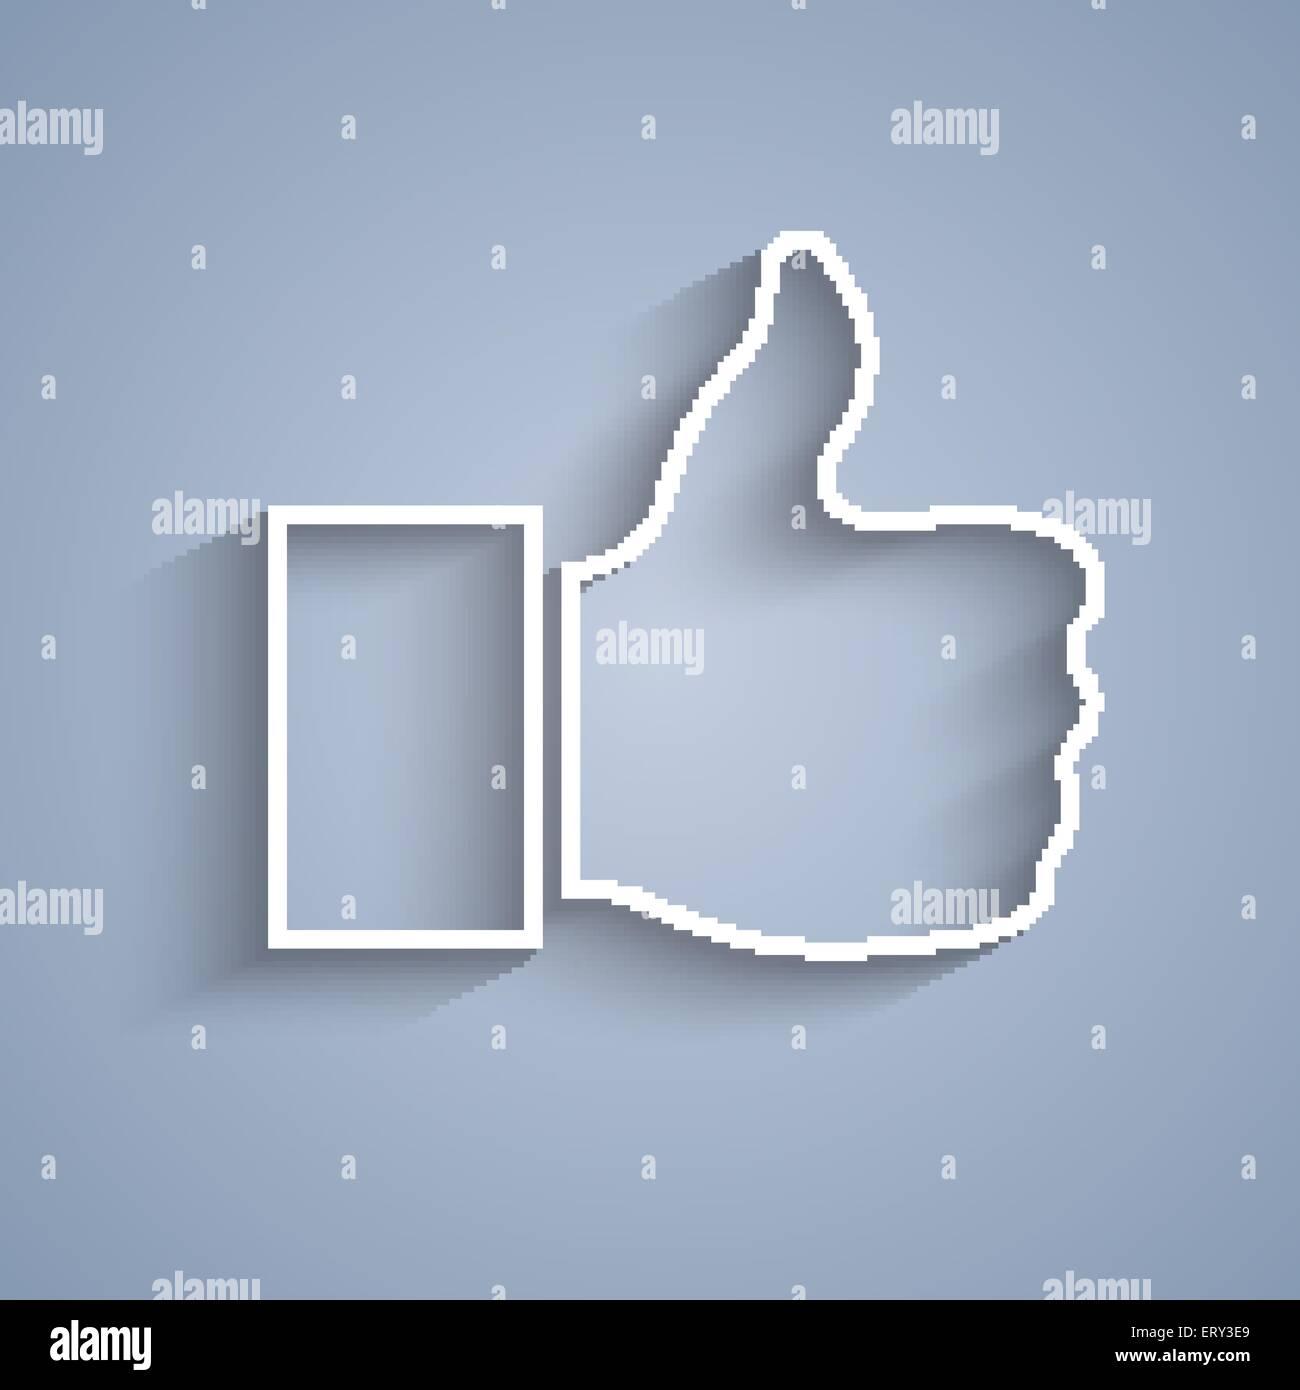 Papier wie Symbol auf grauem Hintergrund. 10 RGB EPS-Vektor-illustration Stockbild